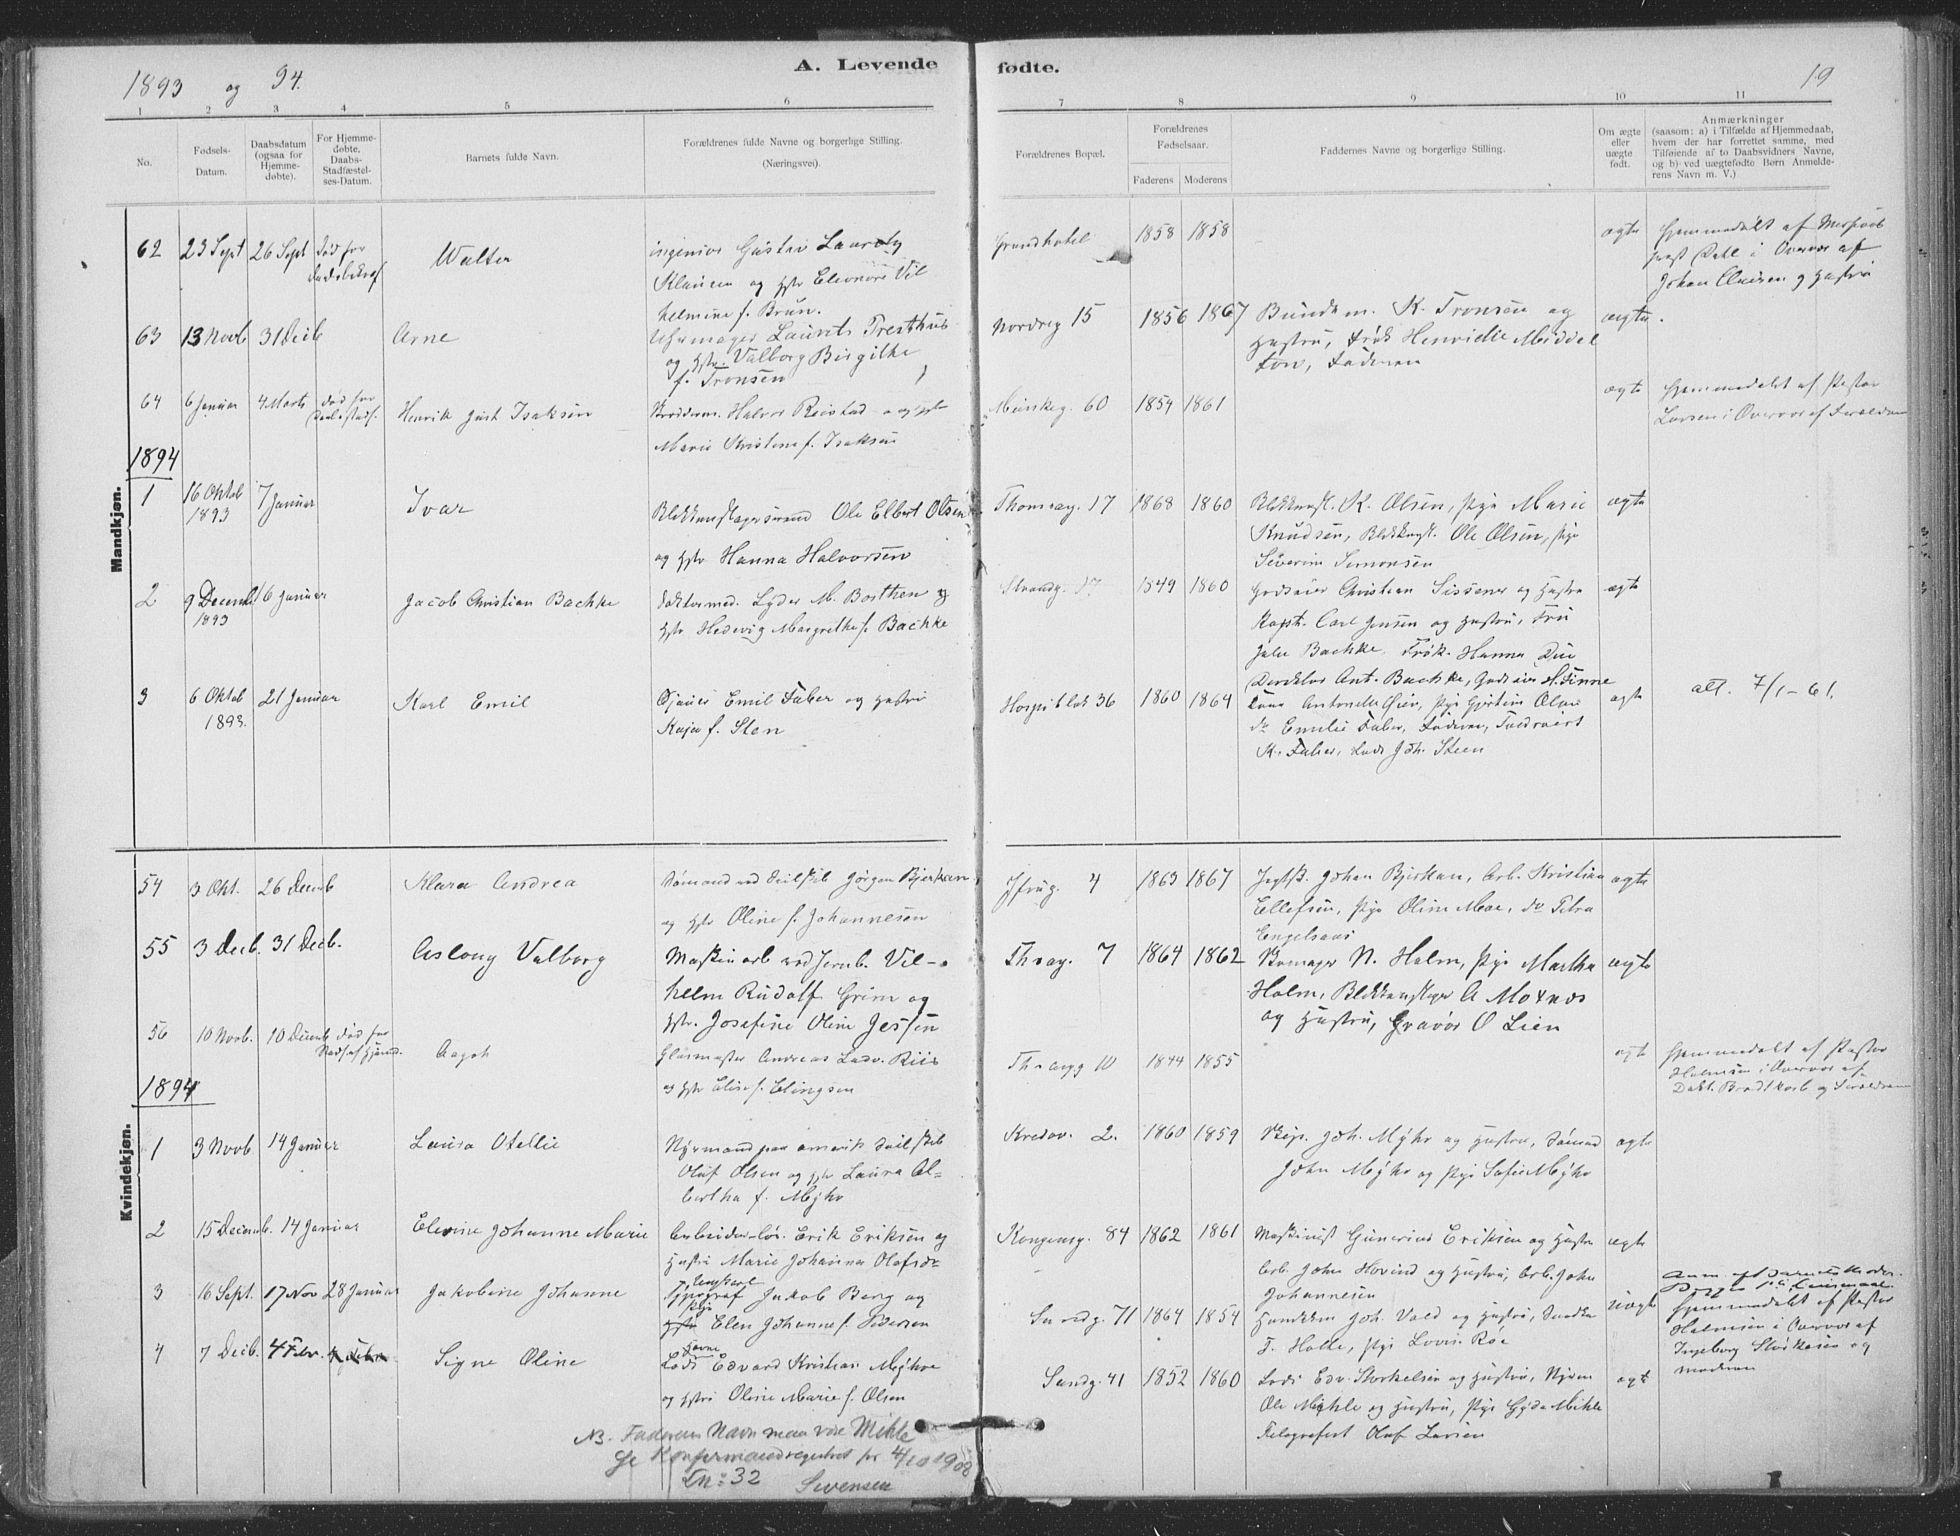 SAT, Ministerialprotokoller, klokkerbøker og fødselsregistre - Sør-Trøndelag, 602/L0122: Ministerialbok nr. 602A20, 1892-1908, s. 19